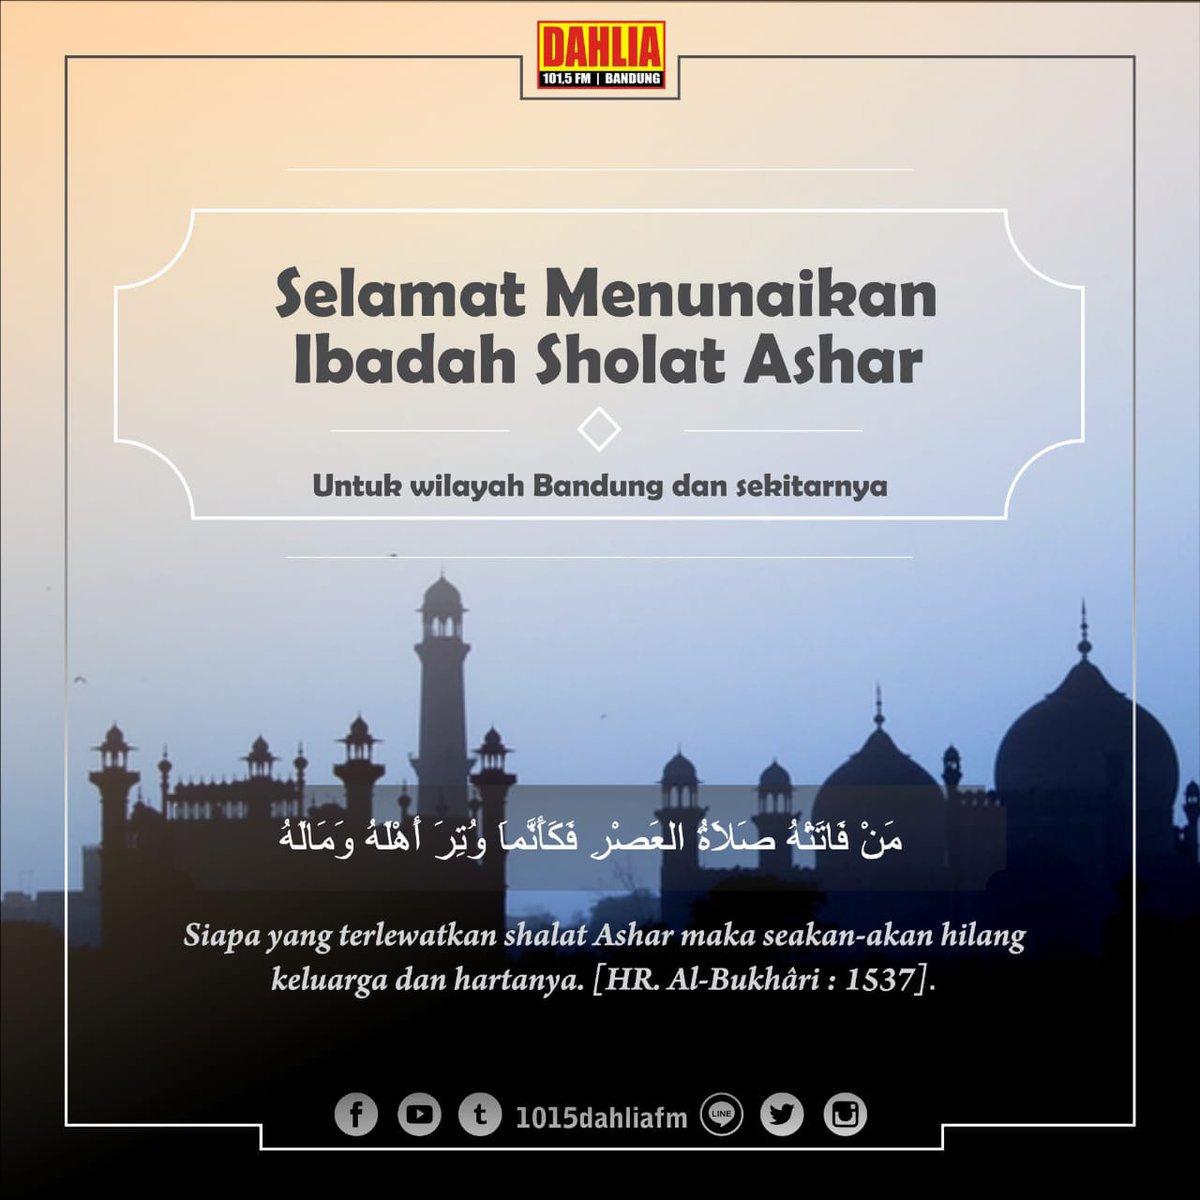 15:11 WIB    Saatnya Adzan Ashar untuk wilayah Bandung dan sekitarnya https://t.co/9PdunMD3Lm